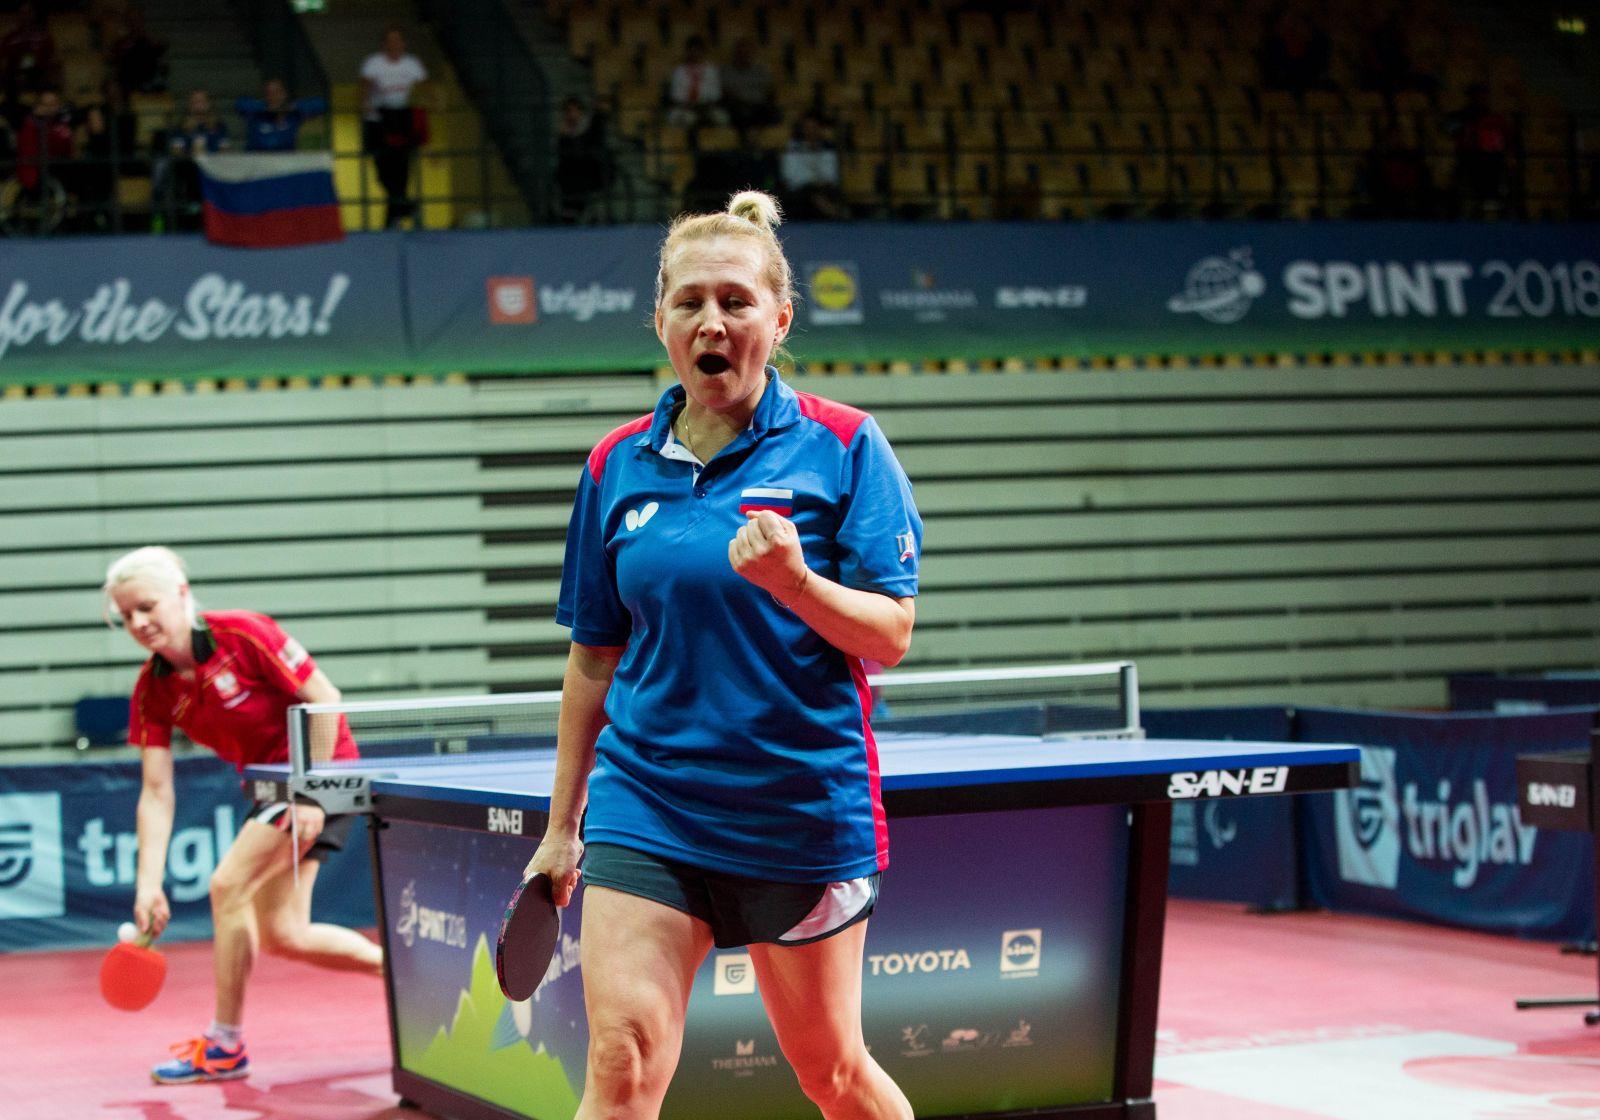 Российские спортсмены завоевали 1 золотую и 2 серебряные медали на чемпионате мира по настольному теннису спорта лиц с ПОДА и ИН в Словении